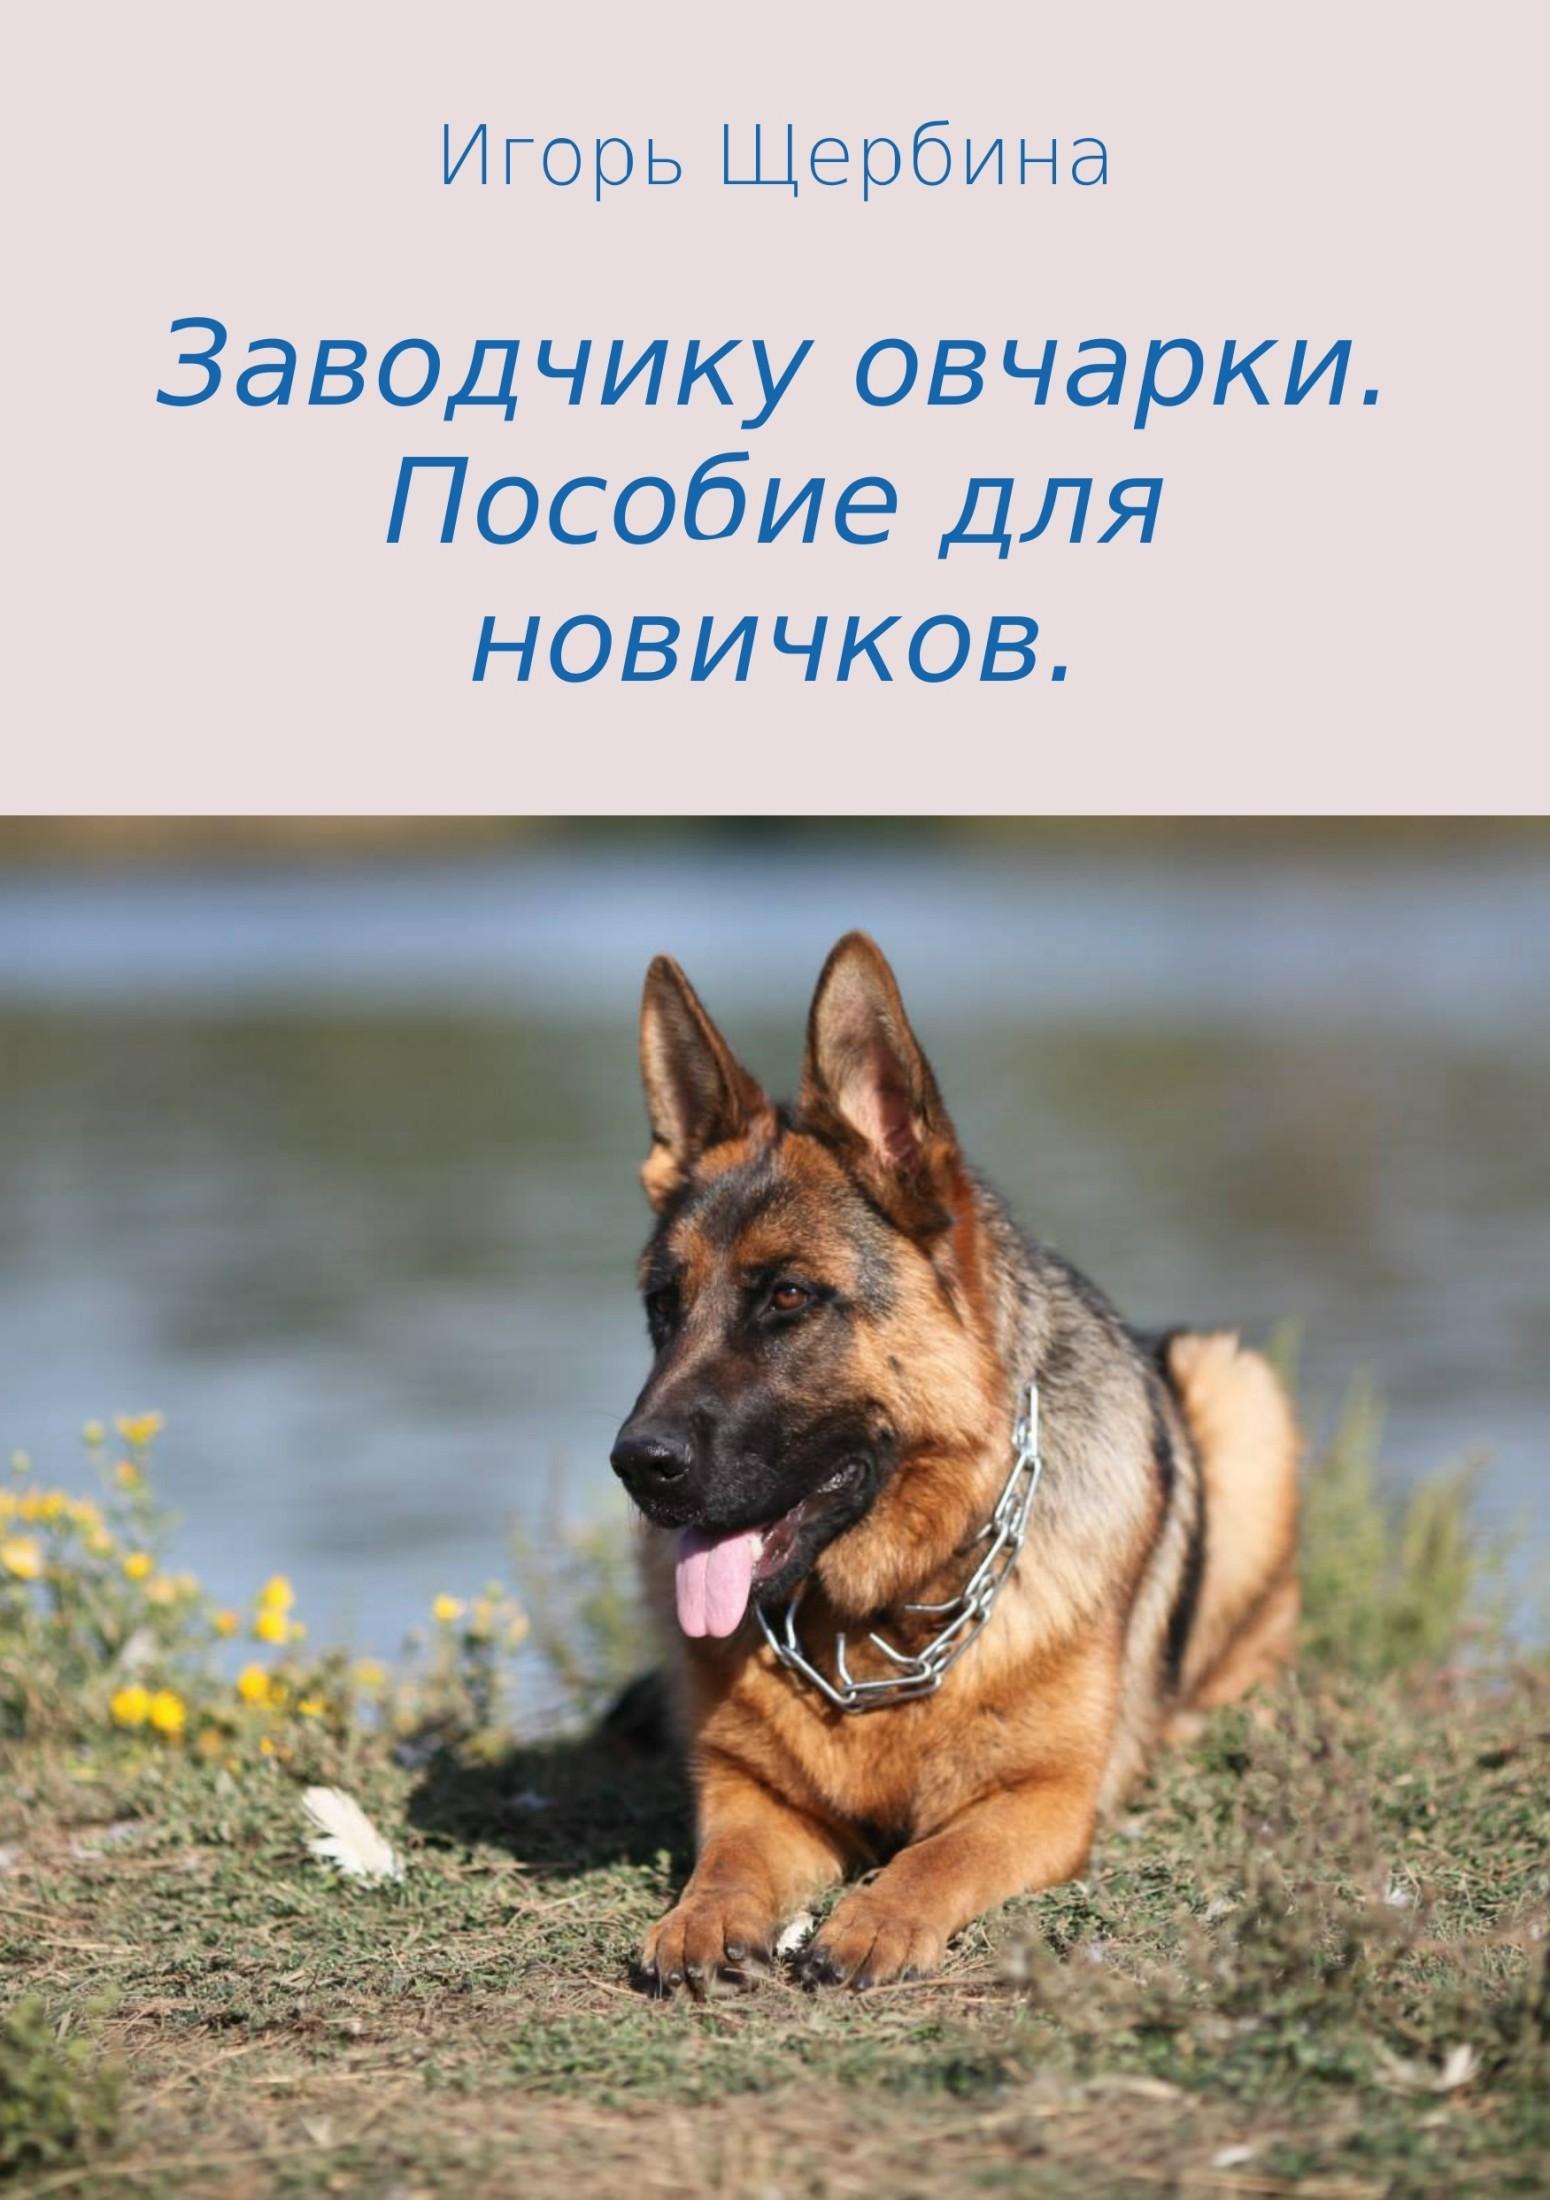 Игорь Анатольеич Щербина Заодчику очарки. Пособие для ноичко